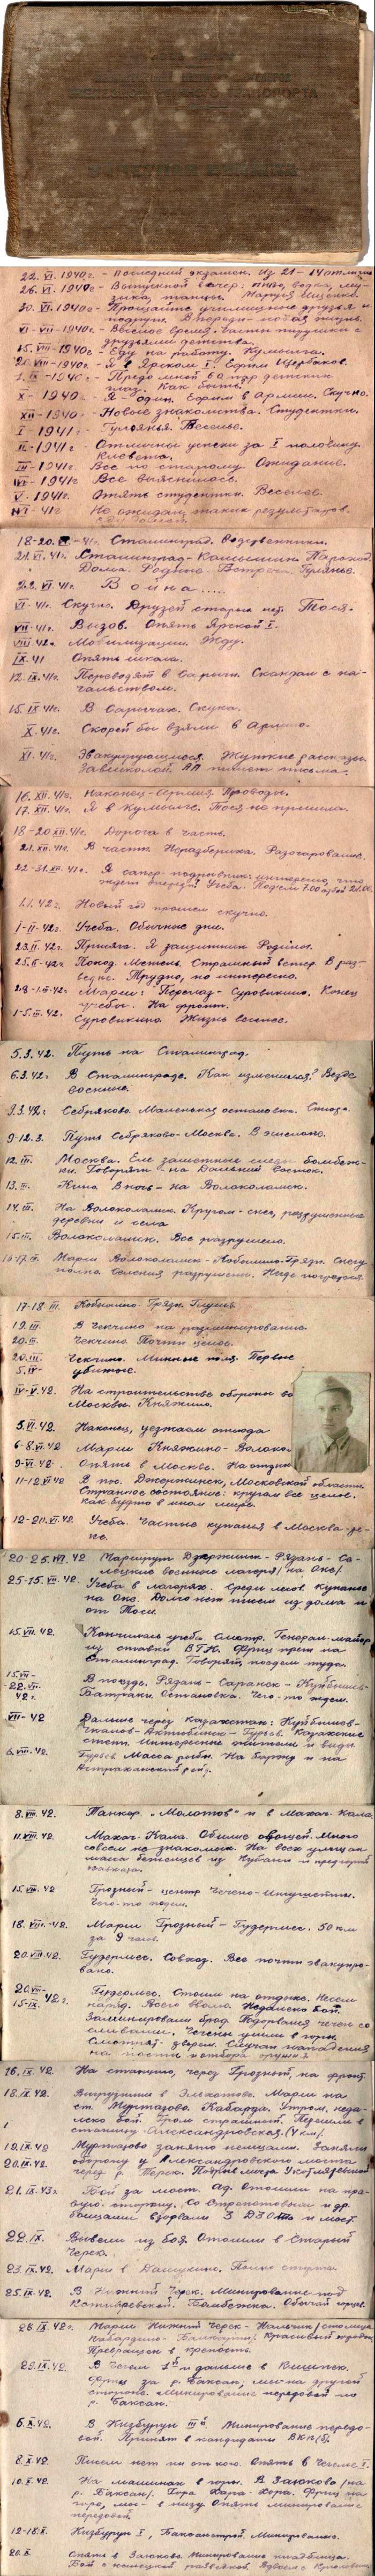 Военный дневник дедушки Сталинградская битва, Военный дневник, Война, 9 мая, Февраль, Длиннопост